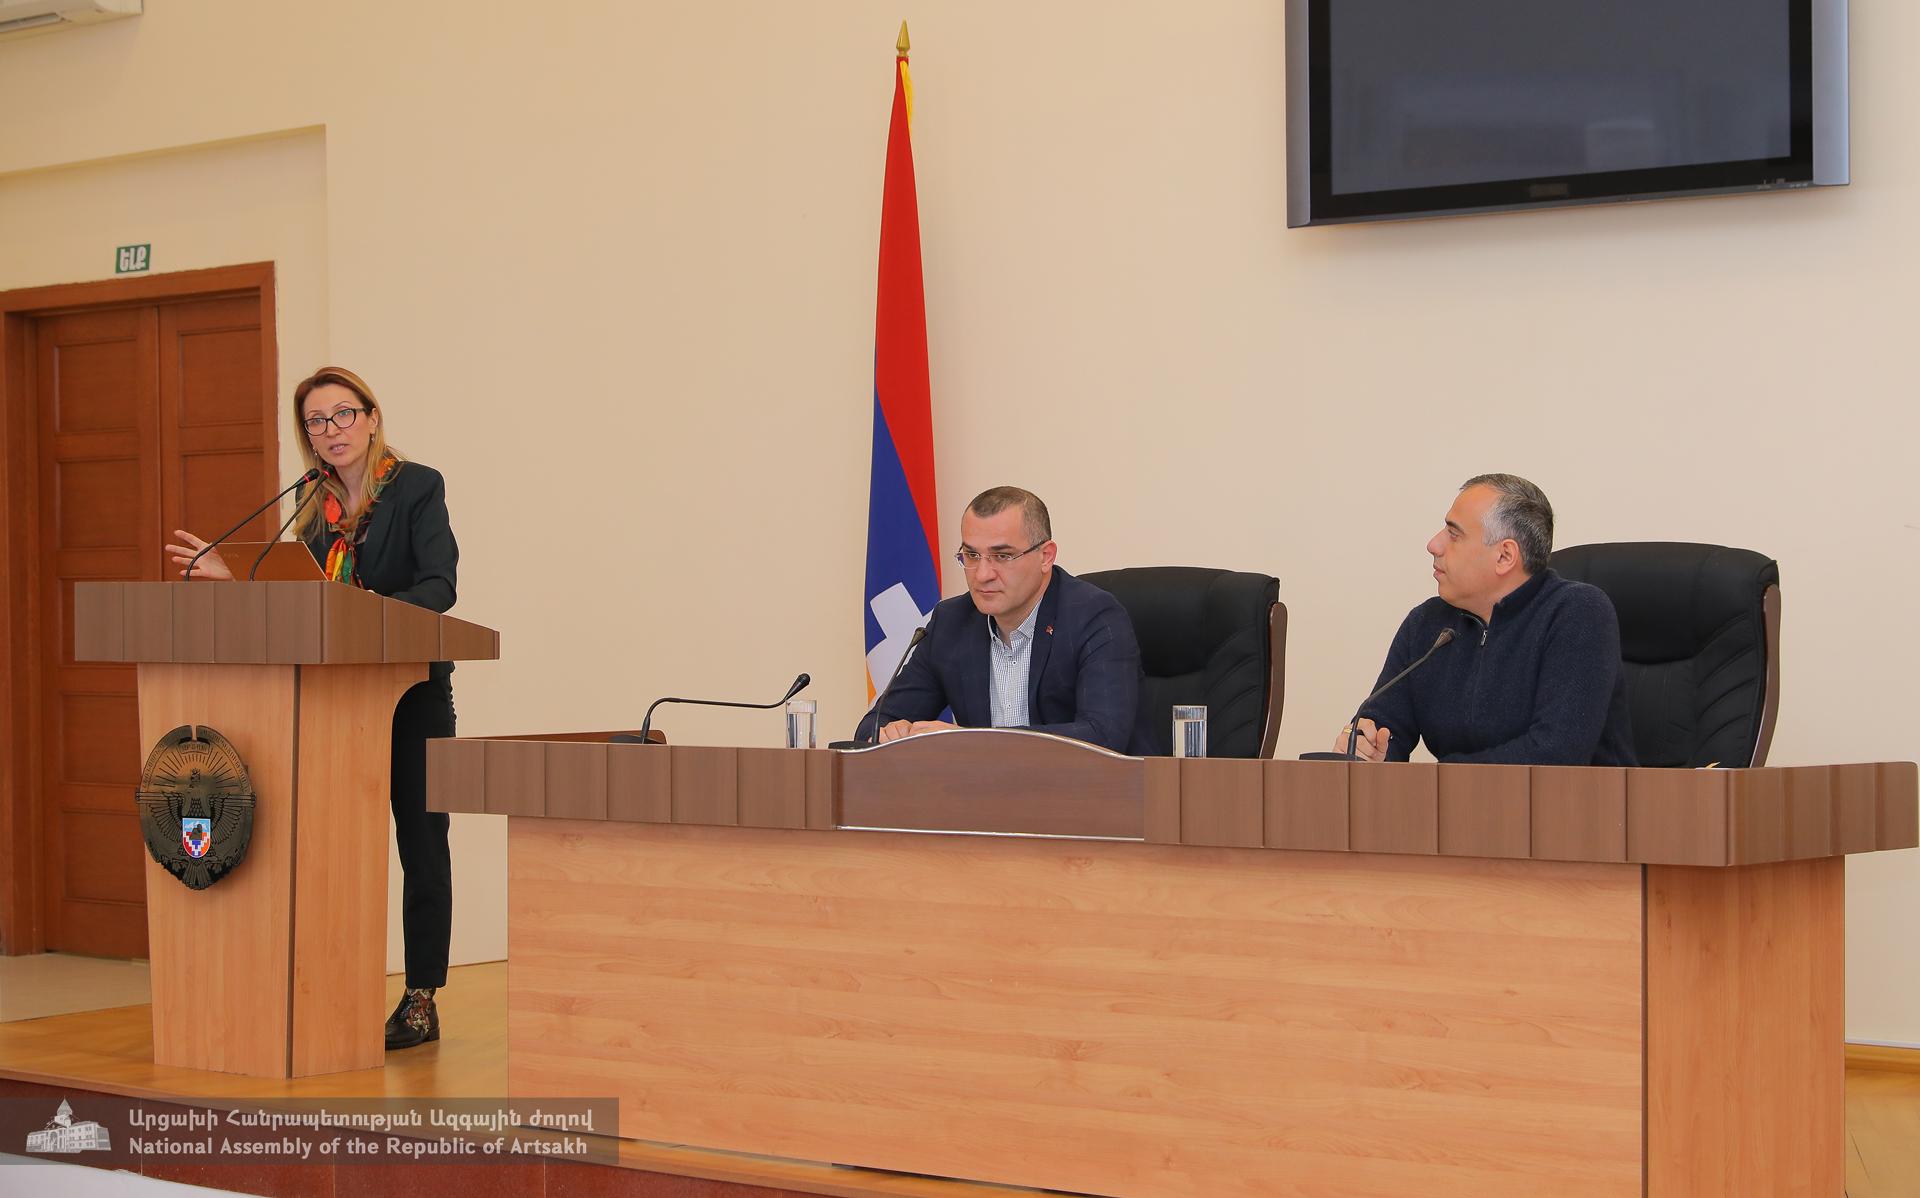 Photo of Արցախի ԱԺ սոցիալական և առողջապահության հարցերի ու ֆինանսաբյուջետային և տնտեսական կառավարման հարցերի մշտական հանձնաժողովների համատեղ նիստ